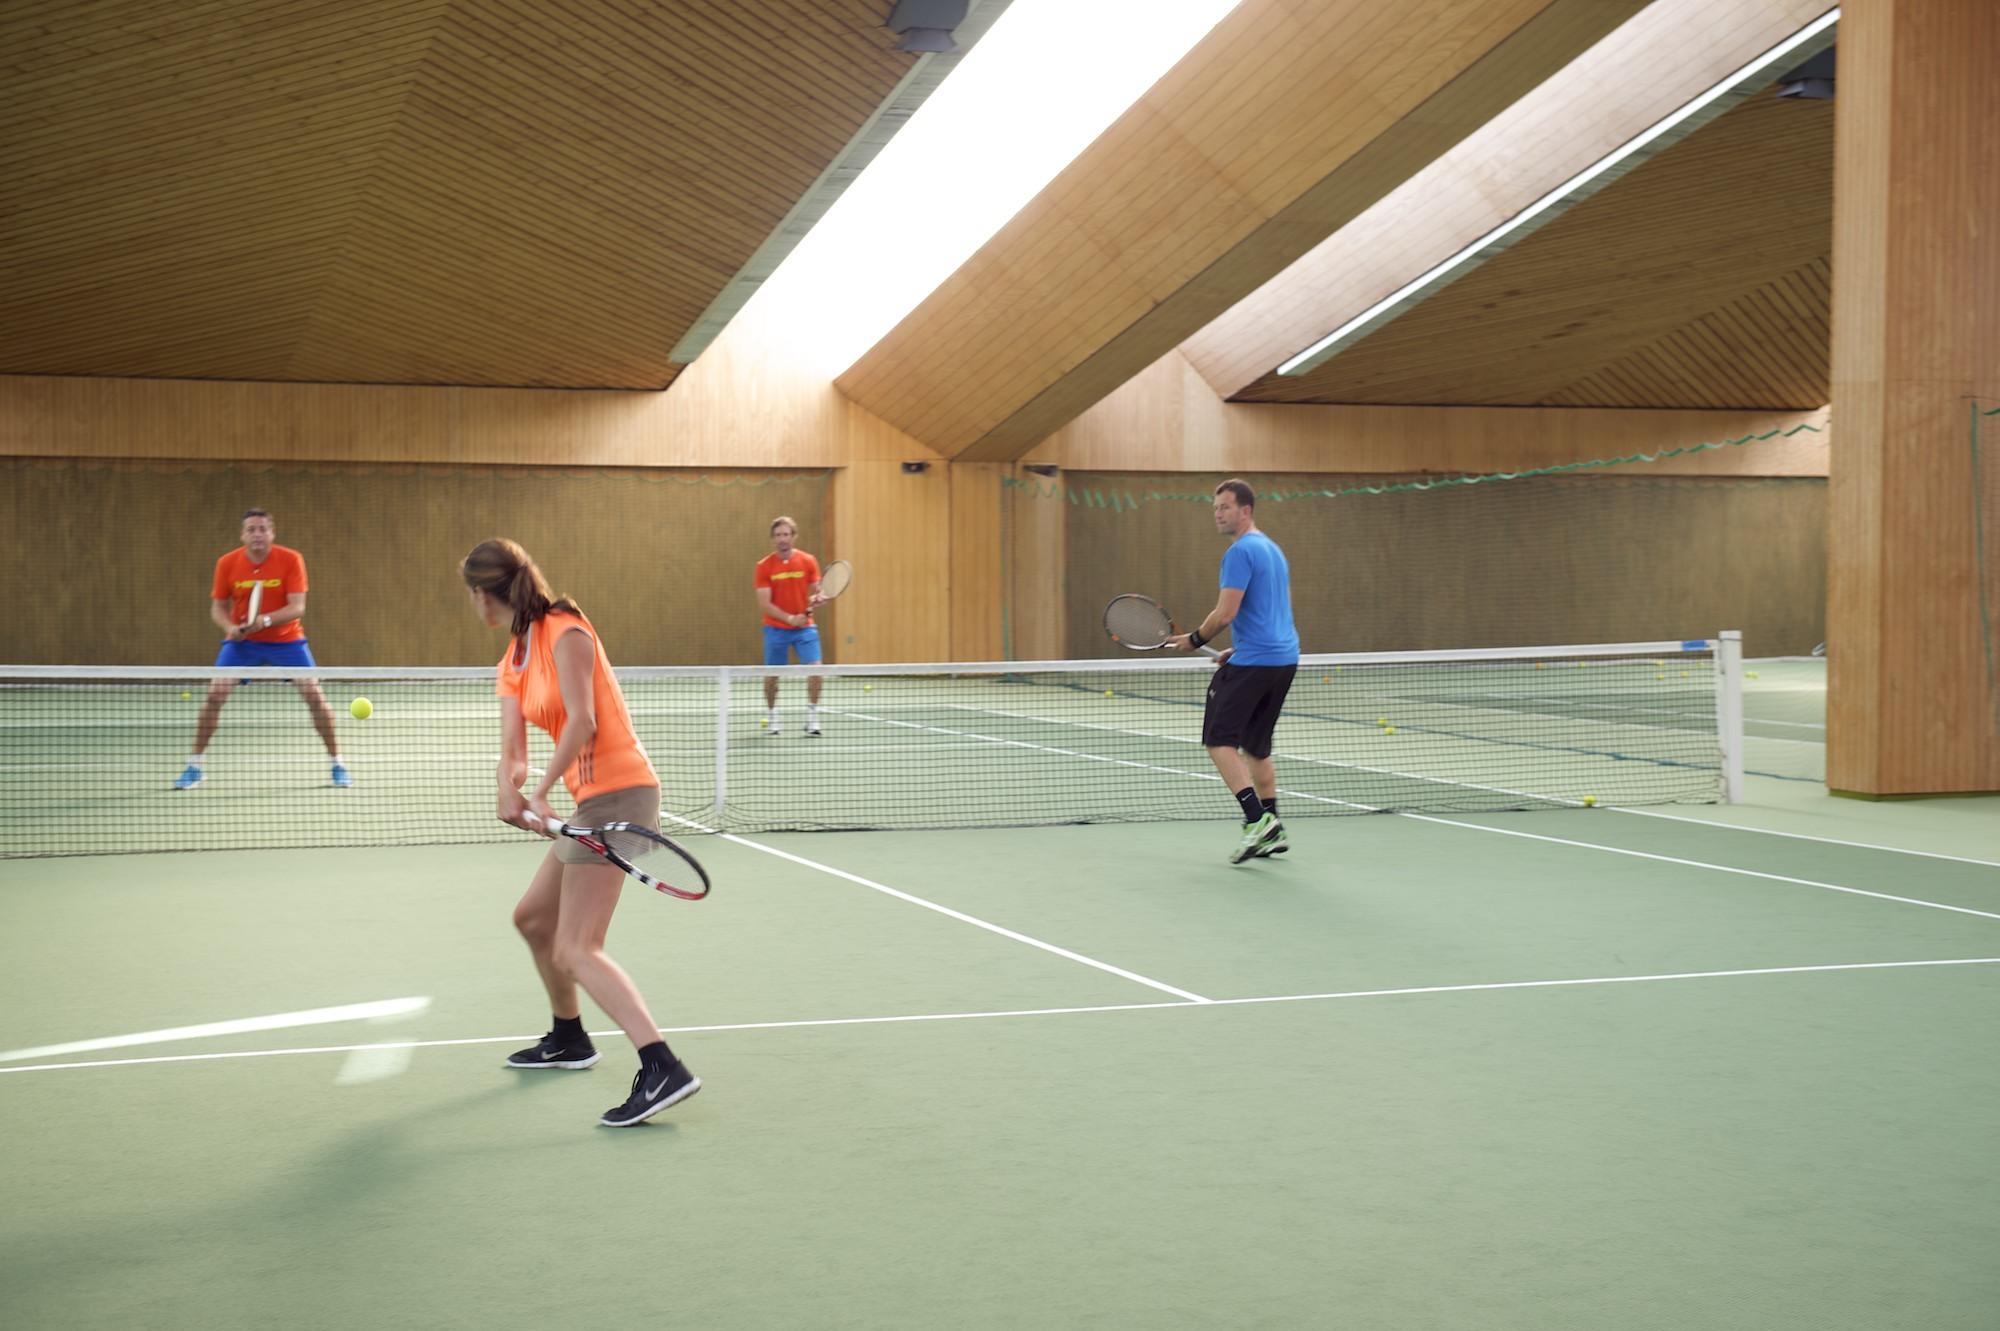 Tennishalle krone original 214826